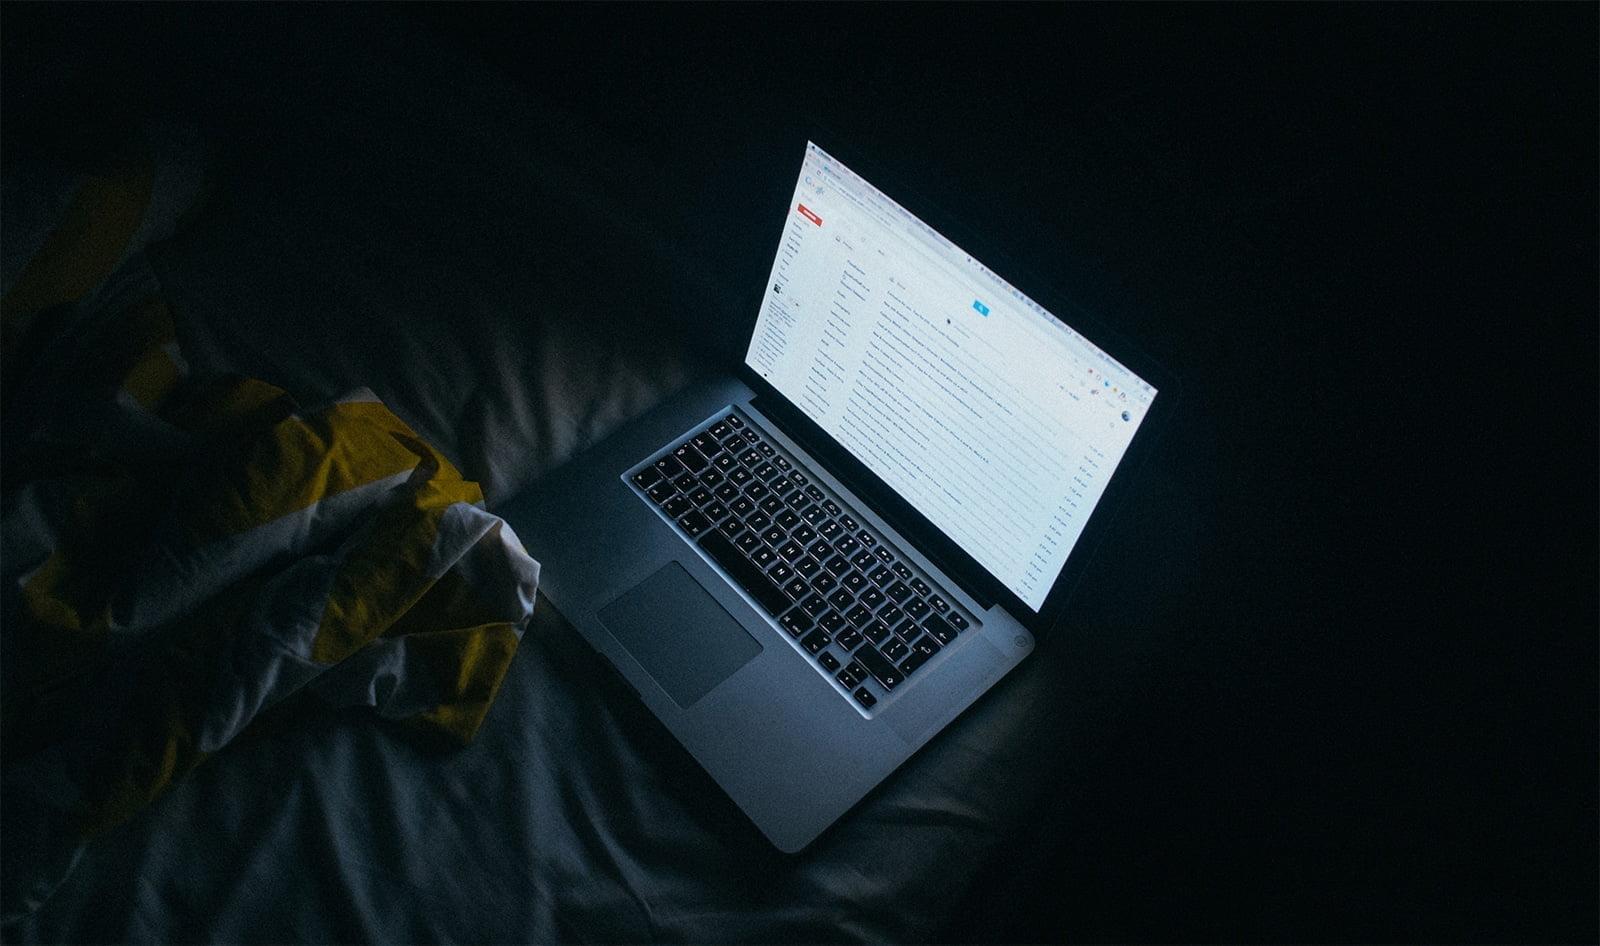 lumière bleu d'un écran d'ordinateur dans le noir